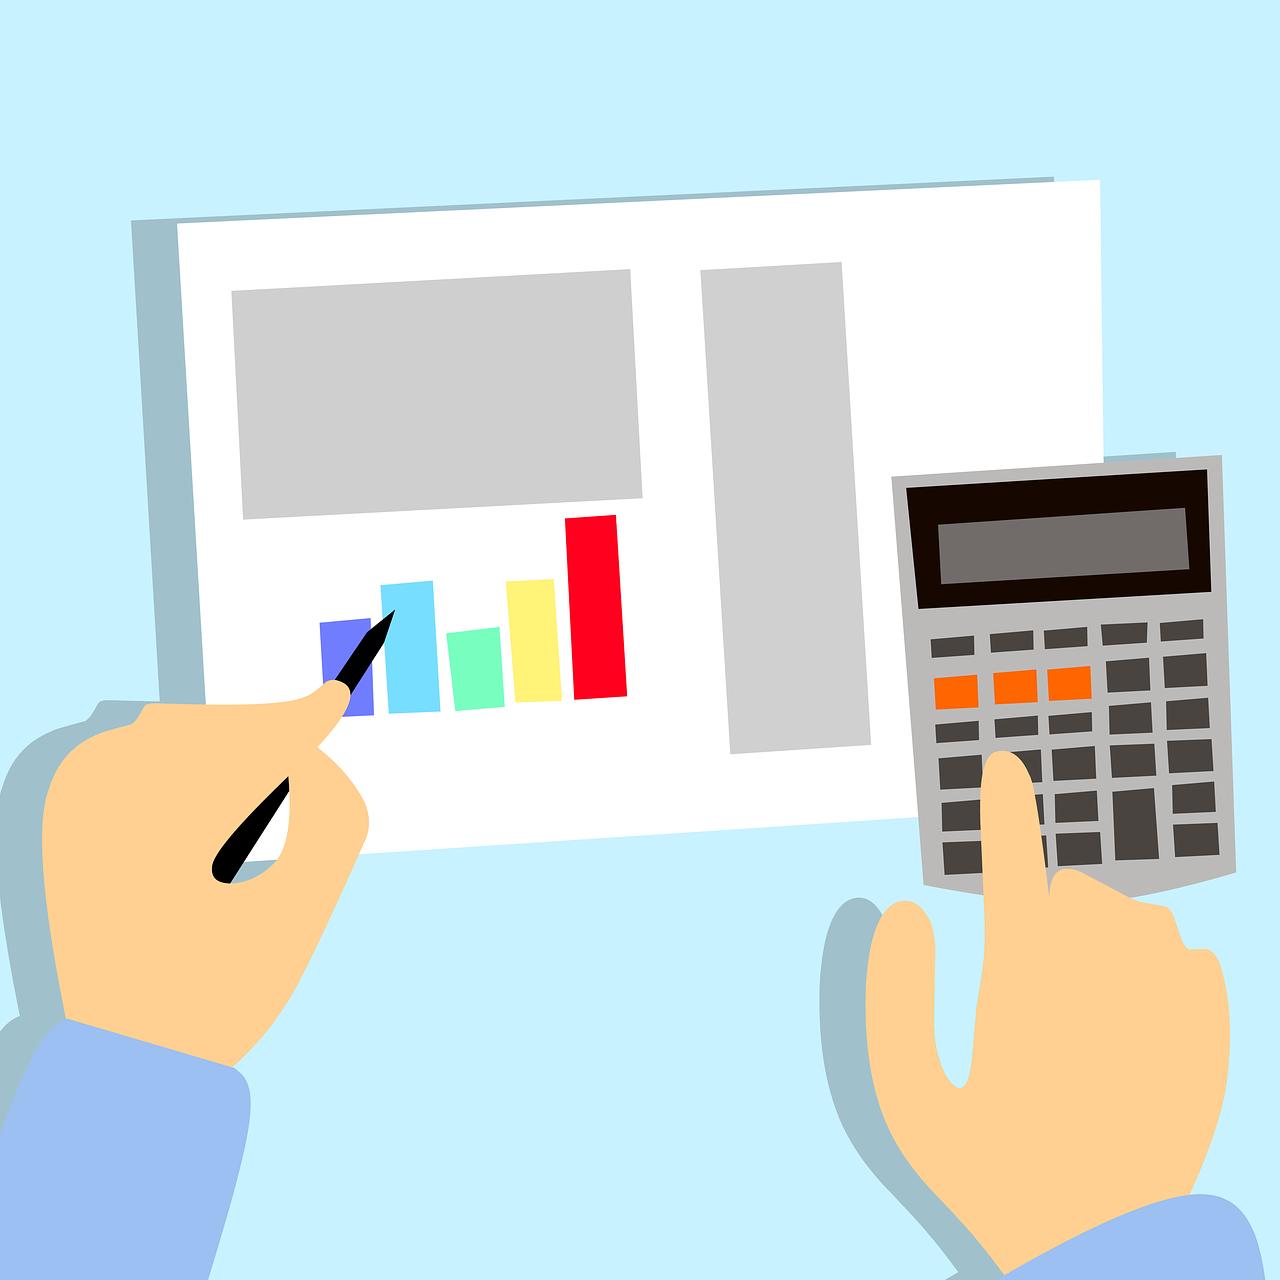 Photo reprensentant un calcul de taxe en immobilier